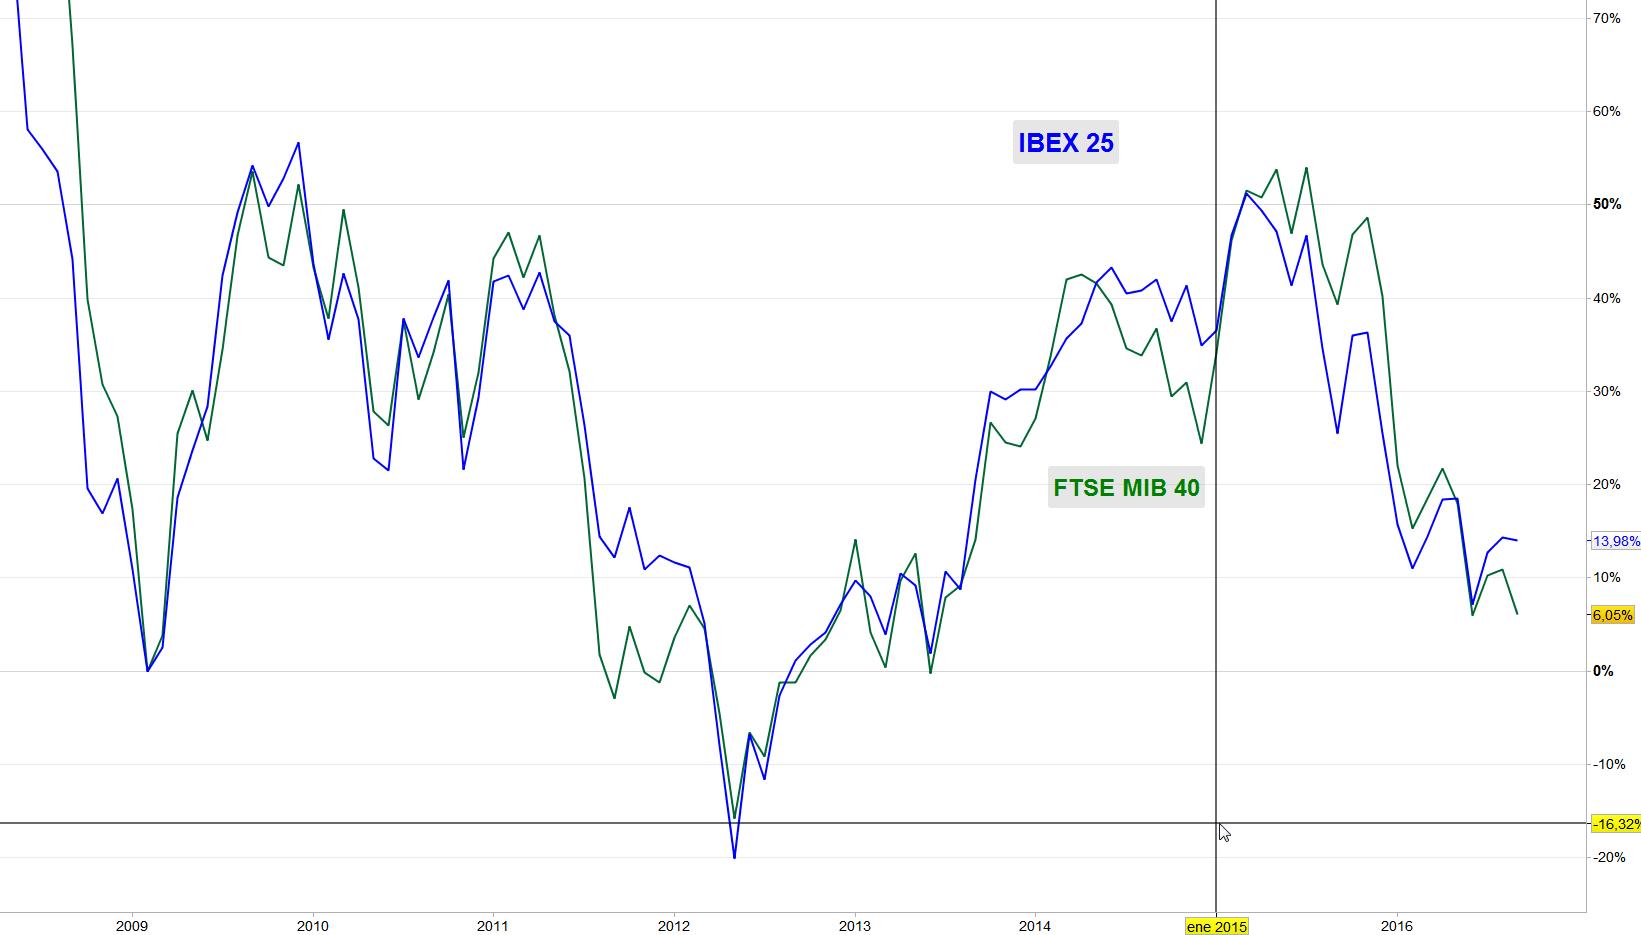 Comparativa FTSE MIB 40 vs IBEX 35 desde los mínimos de 2009